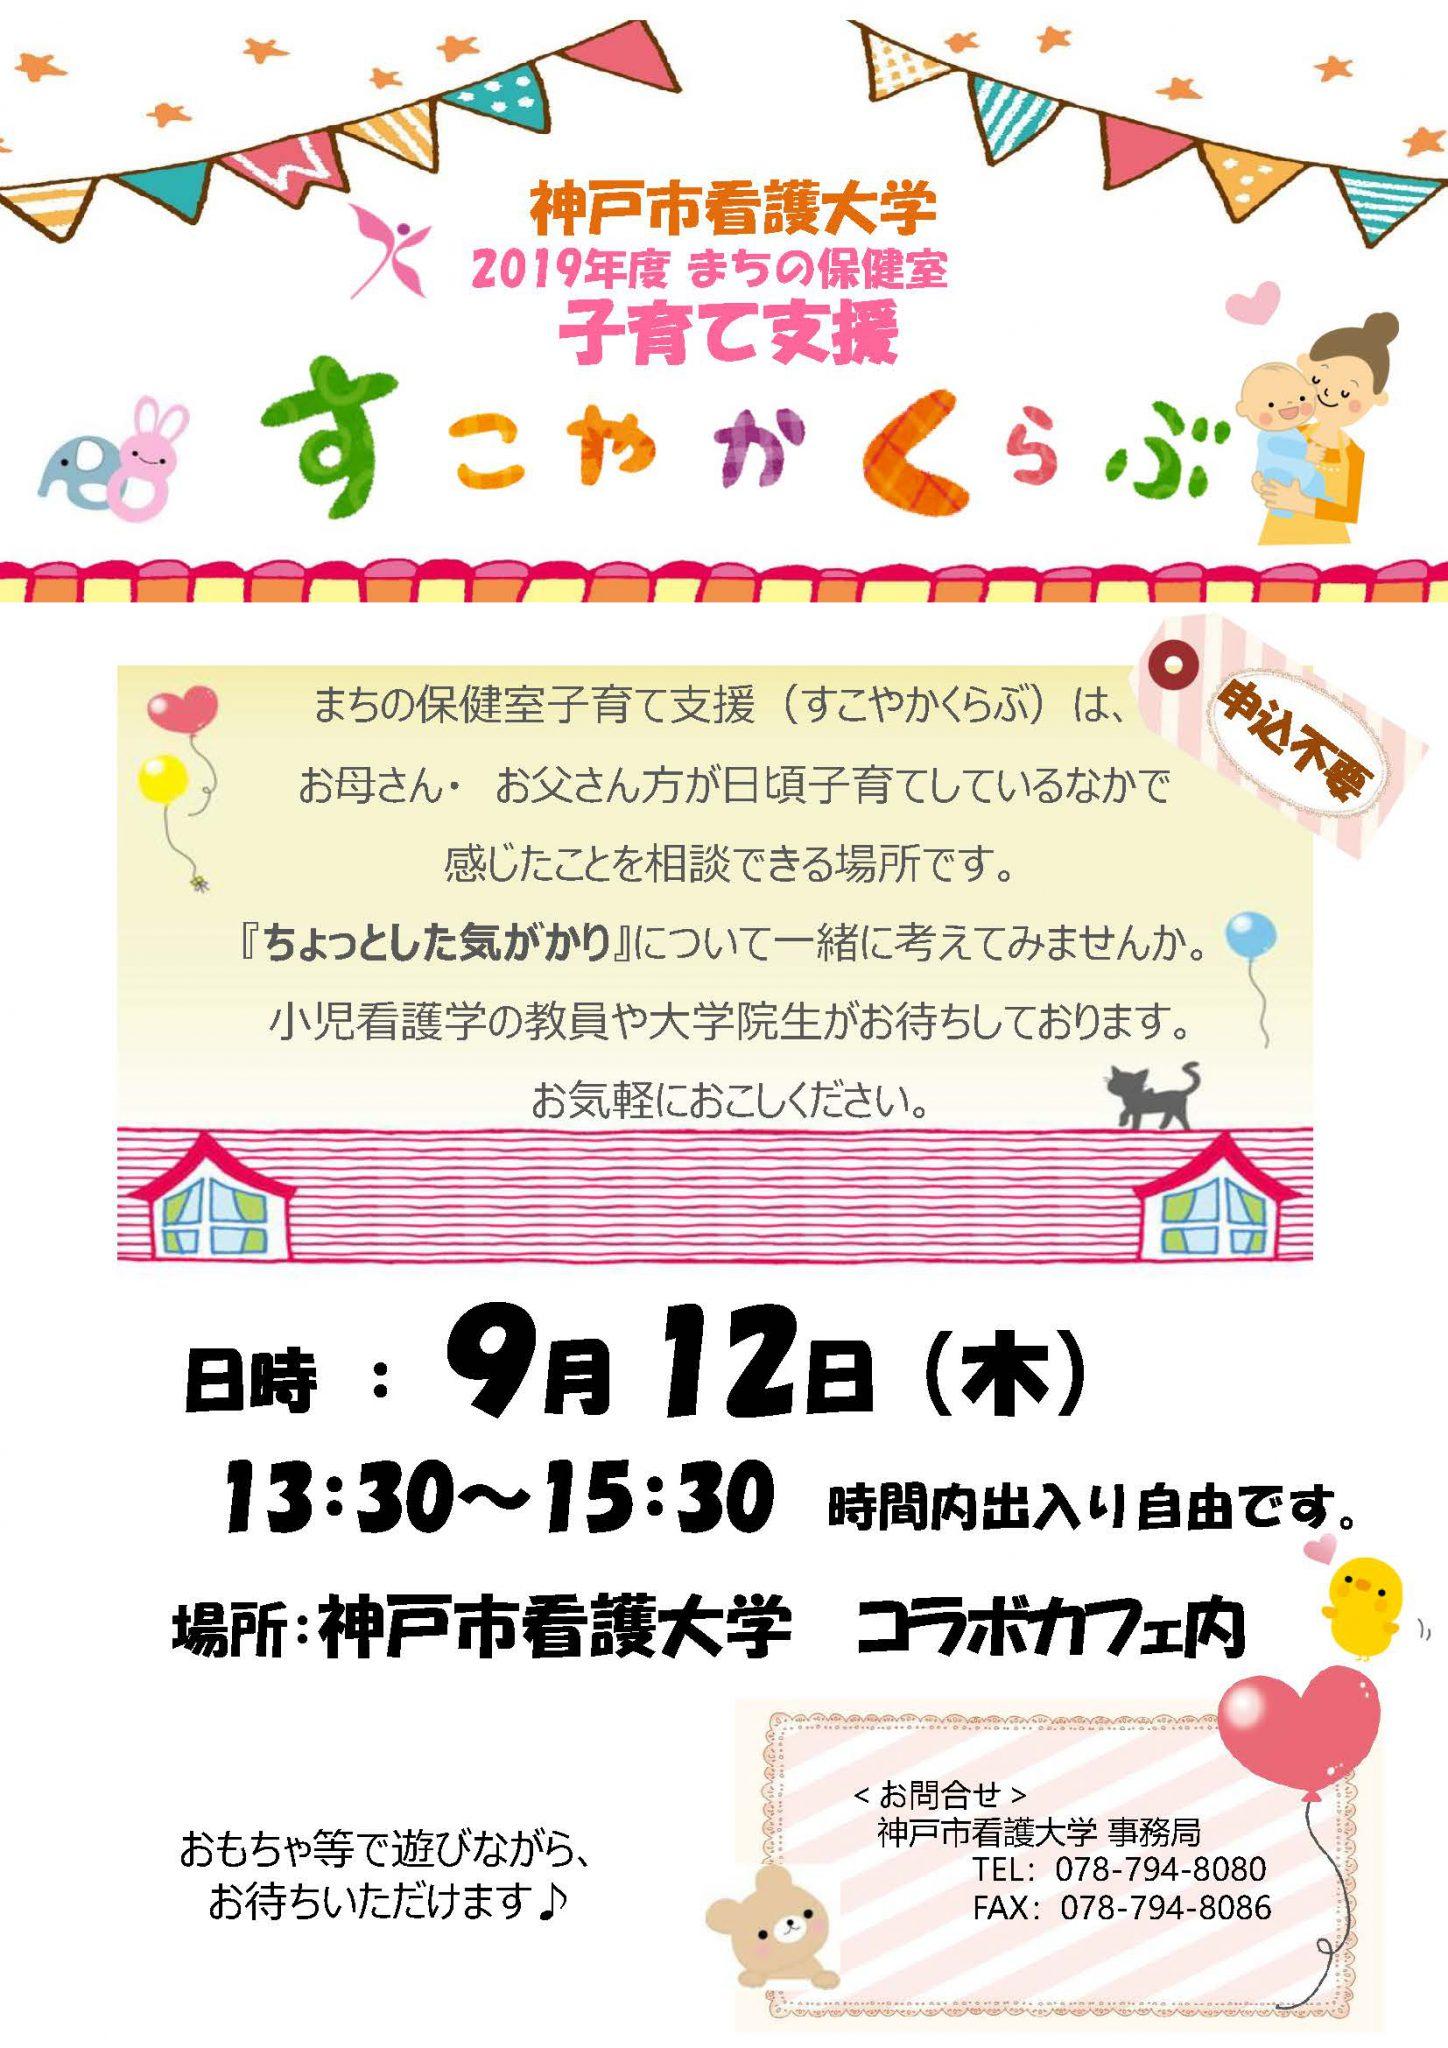 【まちの保健室】2019年9月12日(木)すこやかクラブを開催します